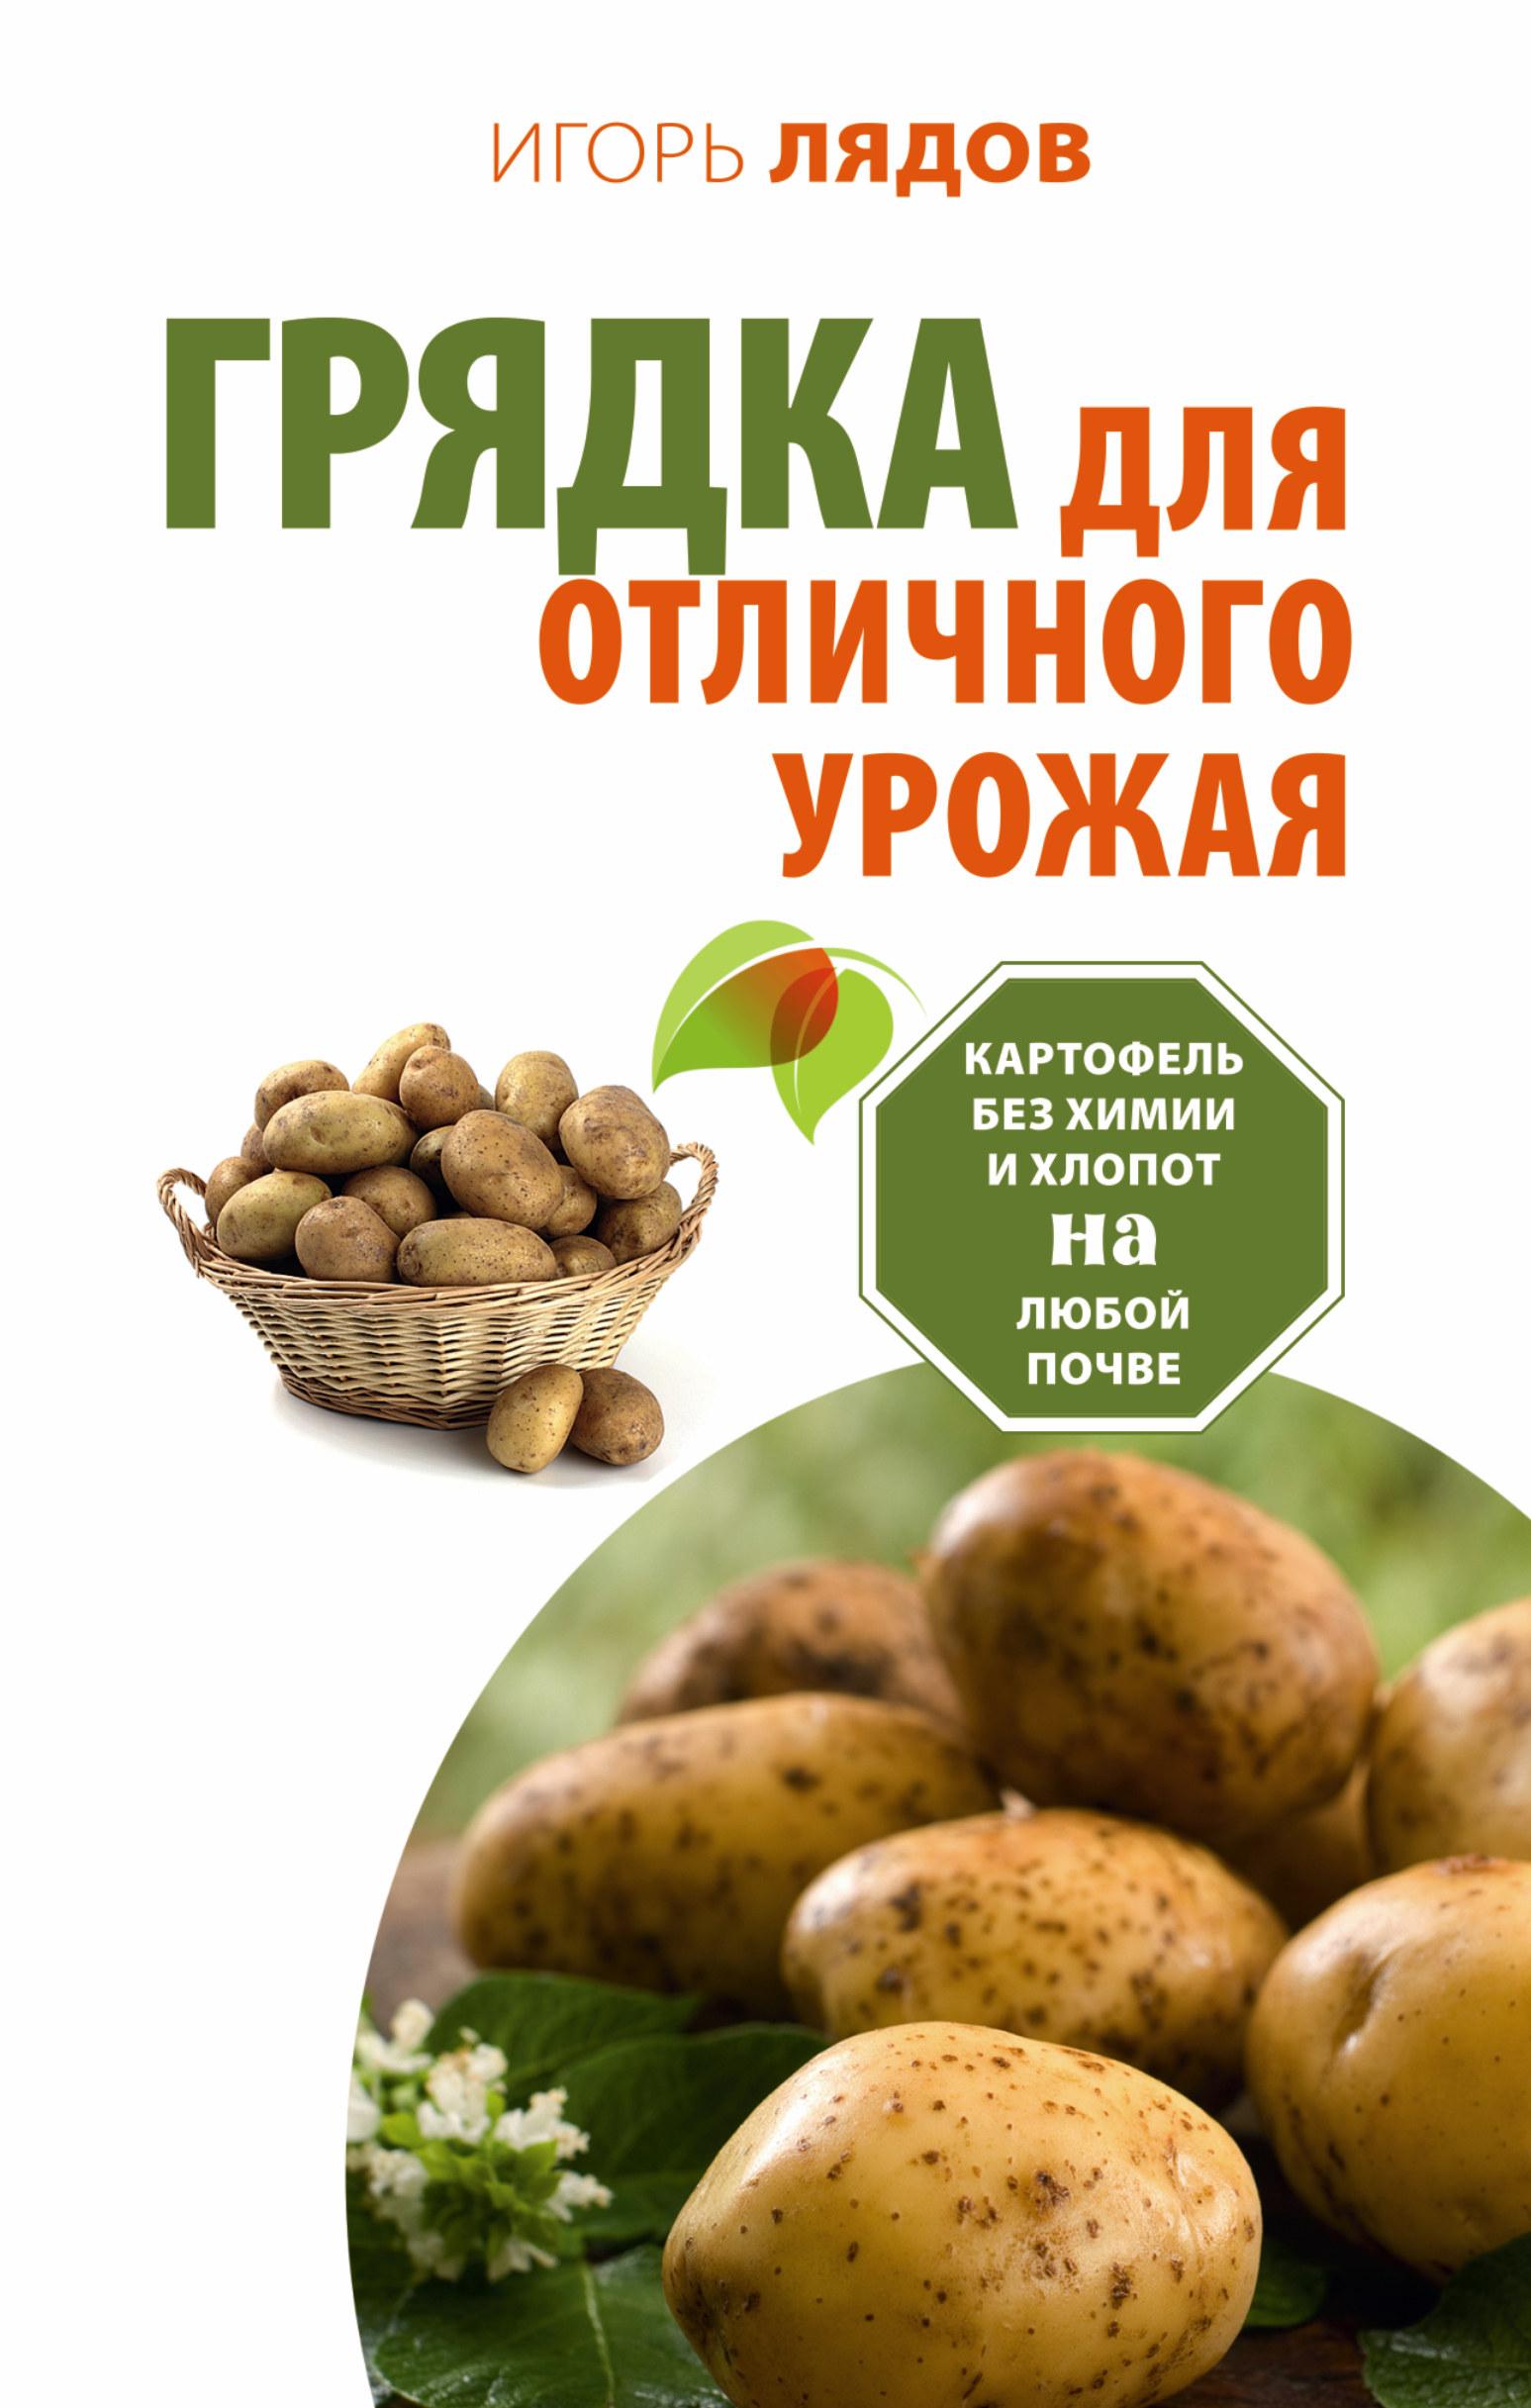 Игорь Лядов Грядка для отличного урожая. Картофель без химии и хлопот, на любой почве